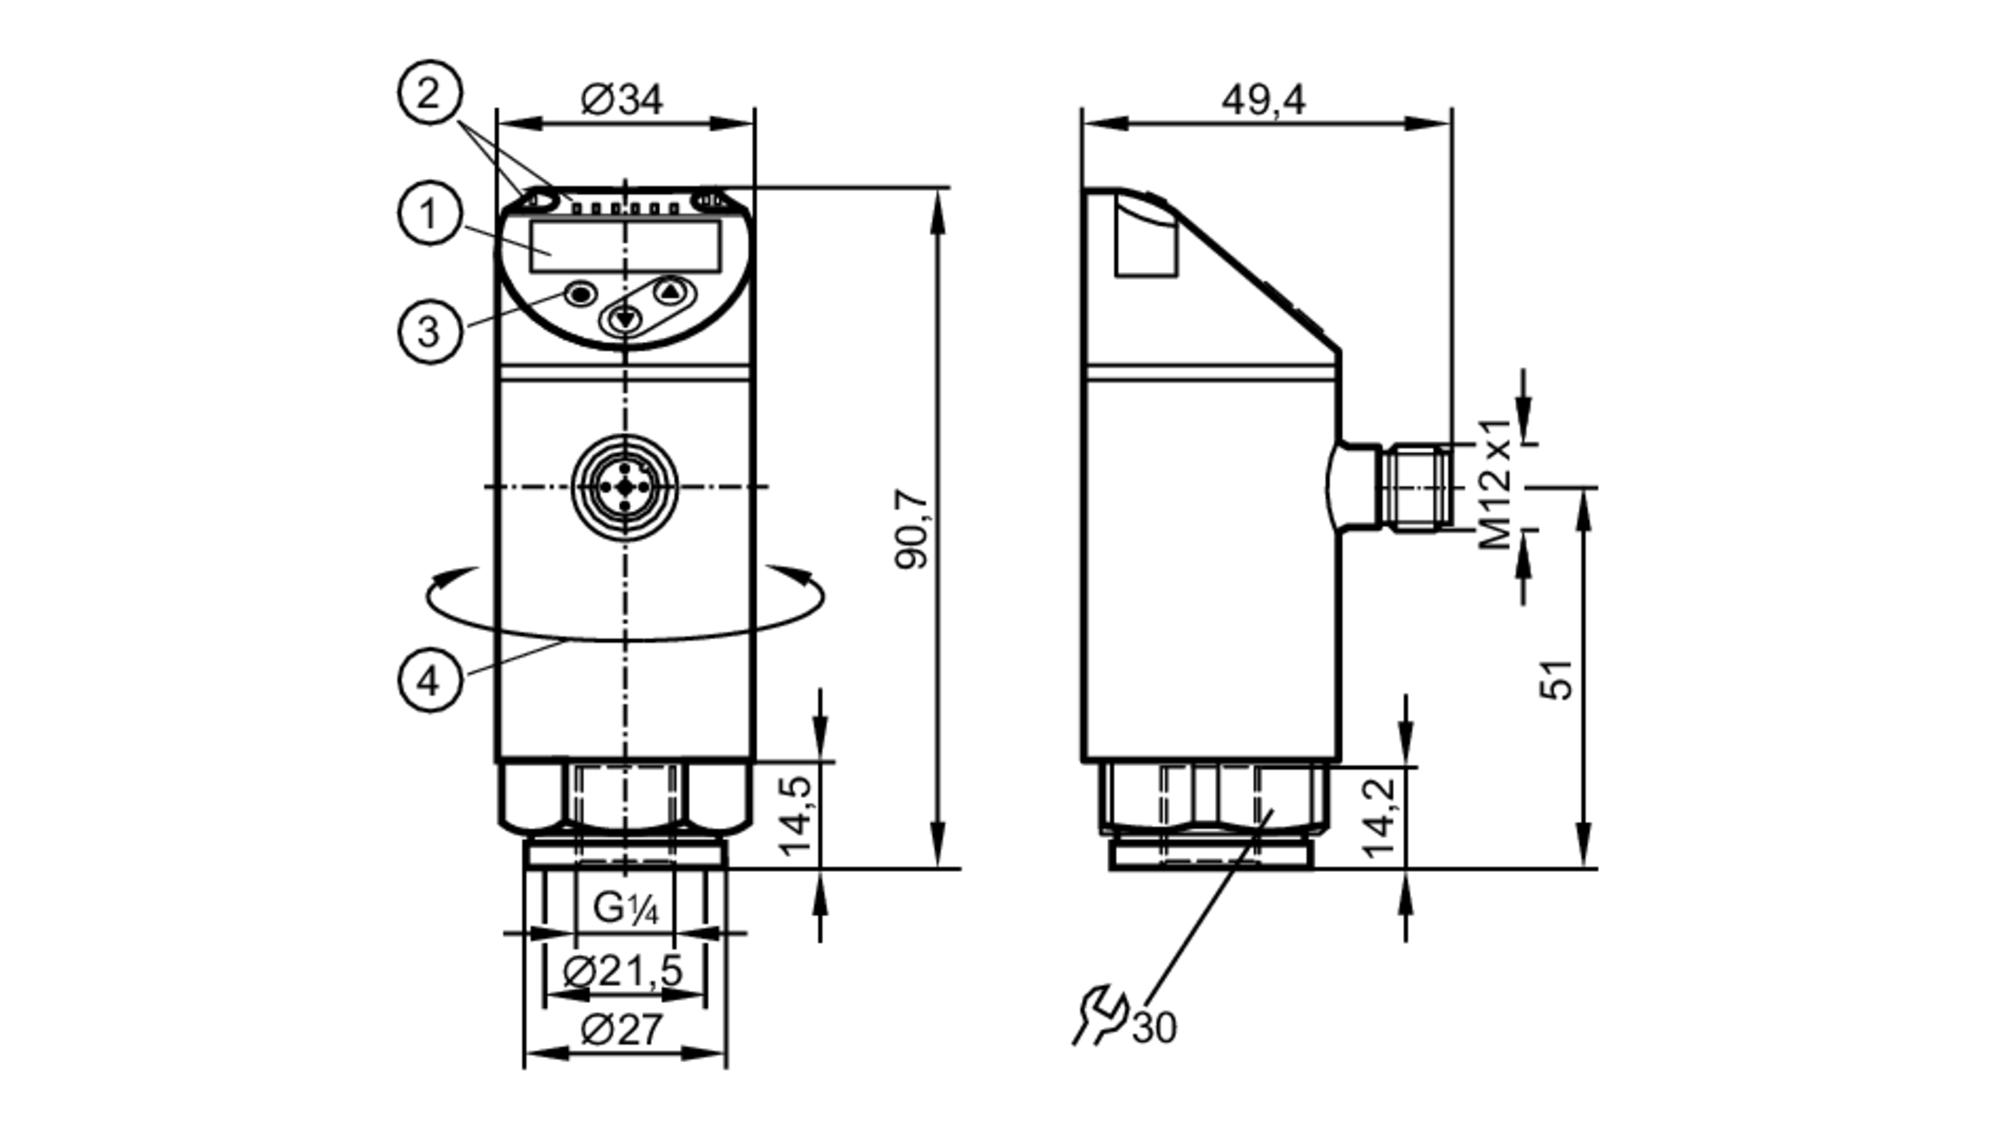 qfrkg//us//n unused OVP IFM Electronic sensor de presión pn7094 pn-010-rer14